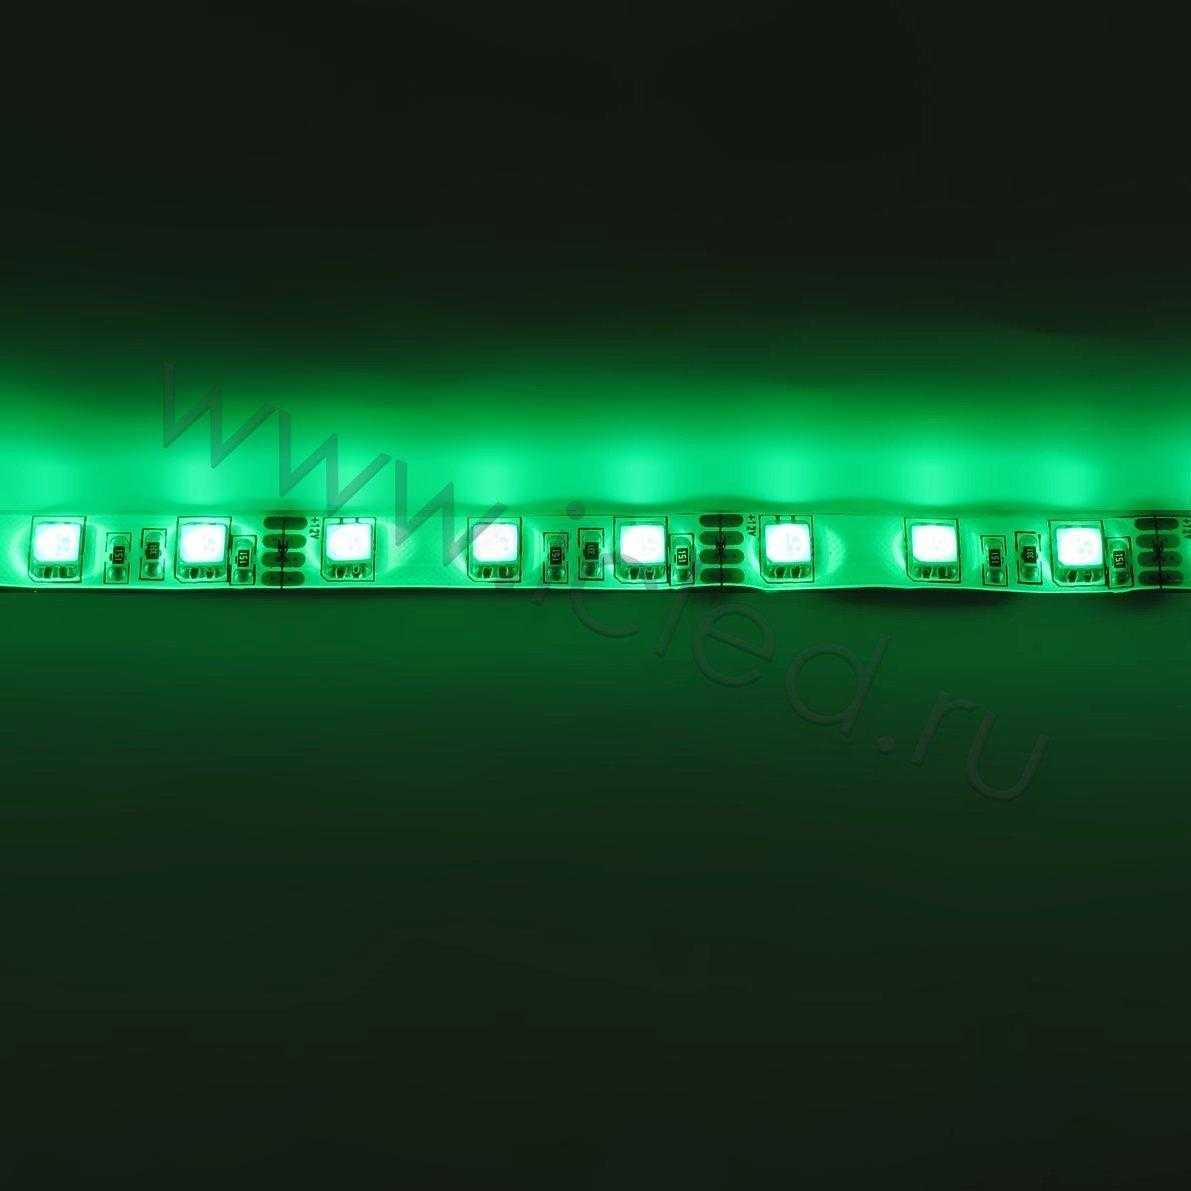 Светодиодная лента Class B, 5050, 60 led/m, RGB, 12V, IP65